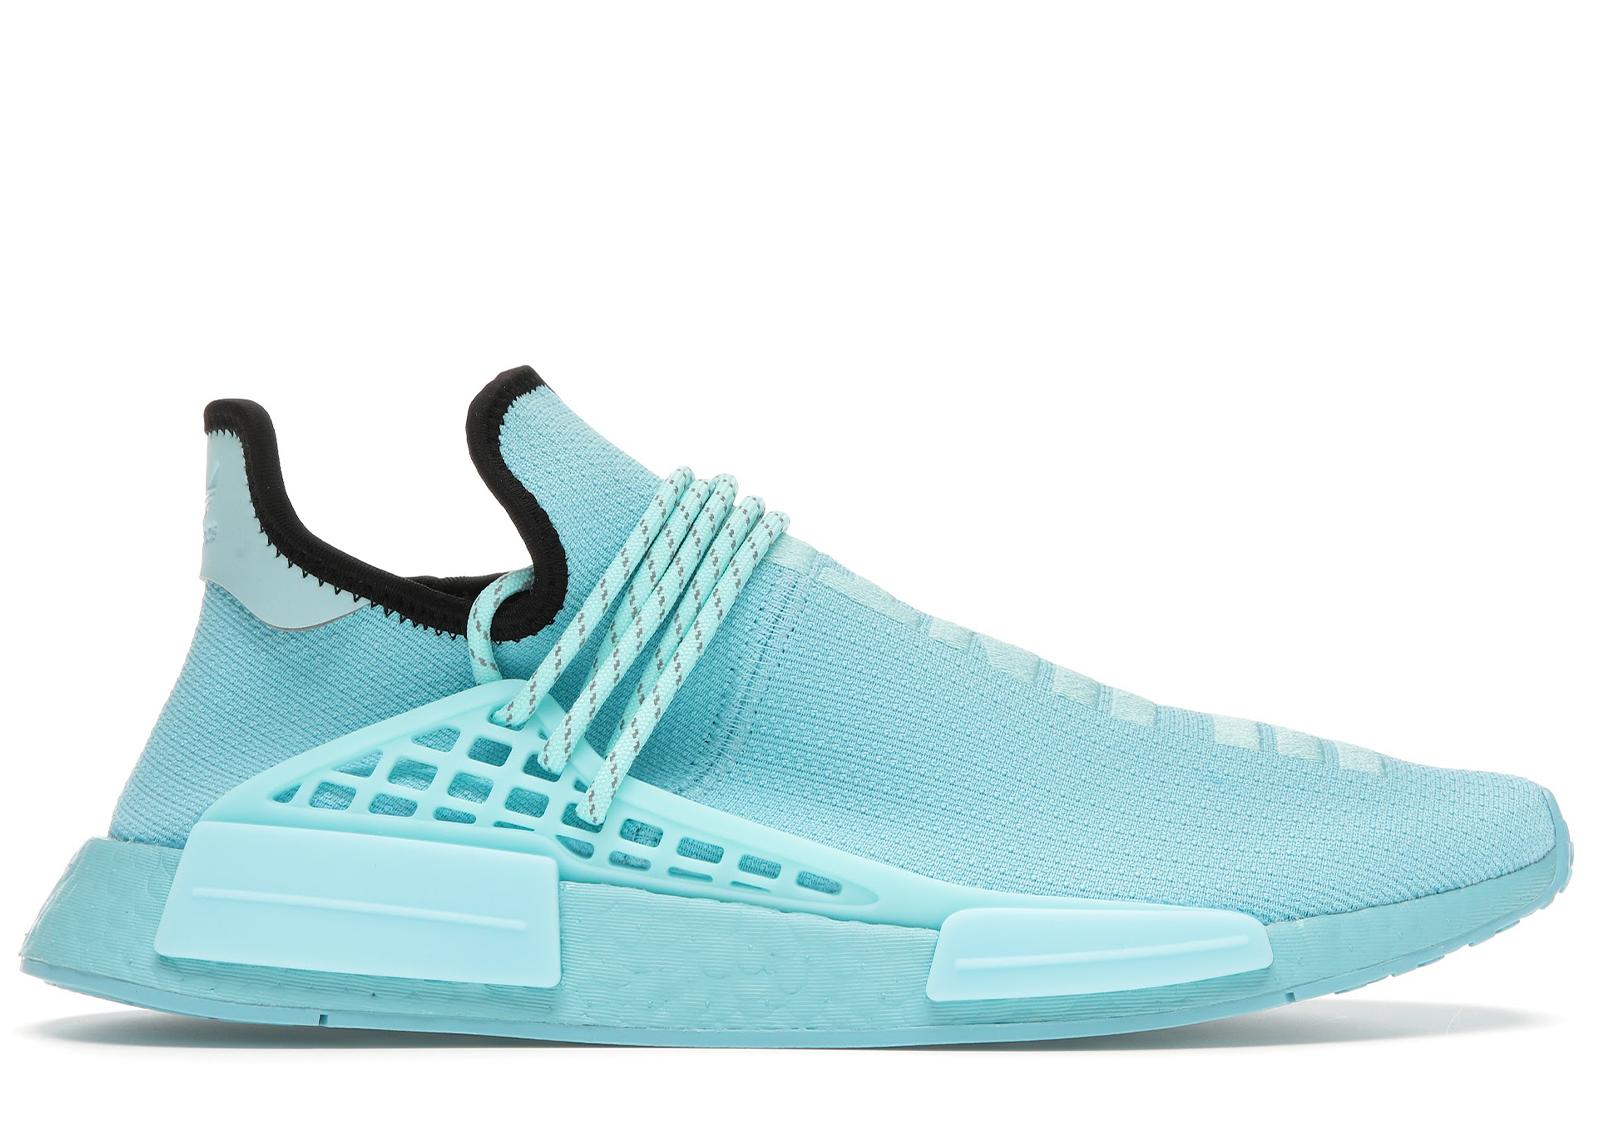 adidas NMD Hu Pharrell Williams Clear Aqua - GY0094